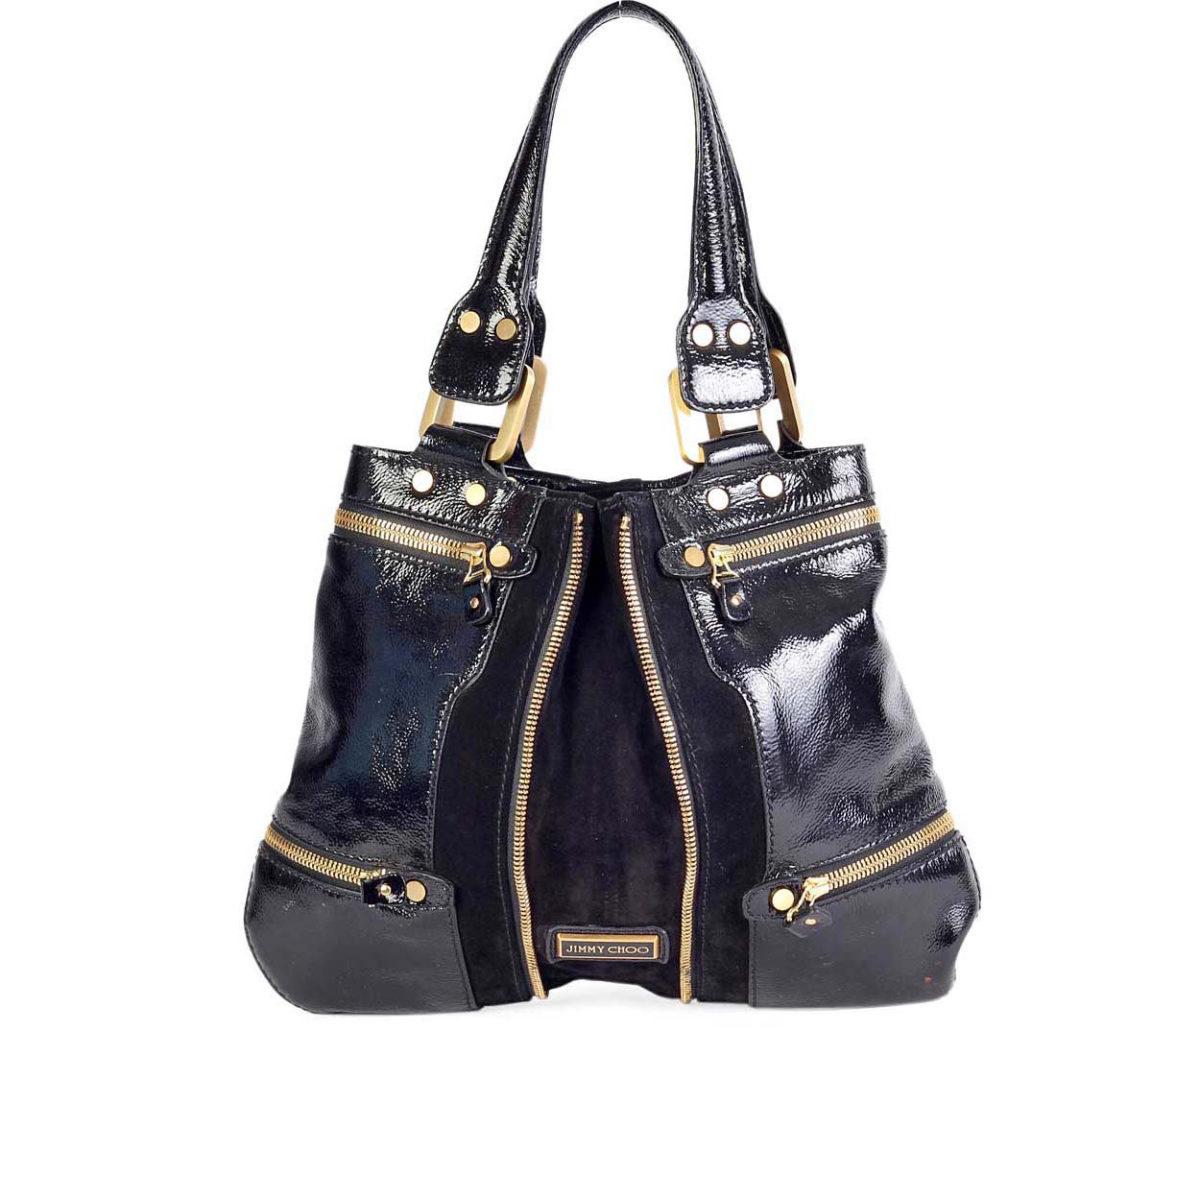 c39b9649538 JIMMY CHOO Mona Tote Bag Black | Luxity